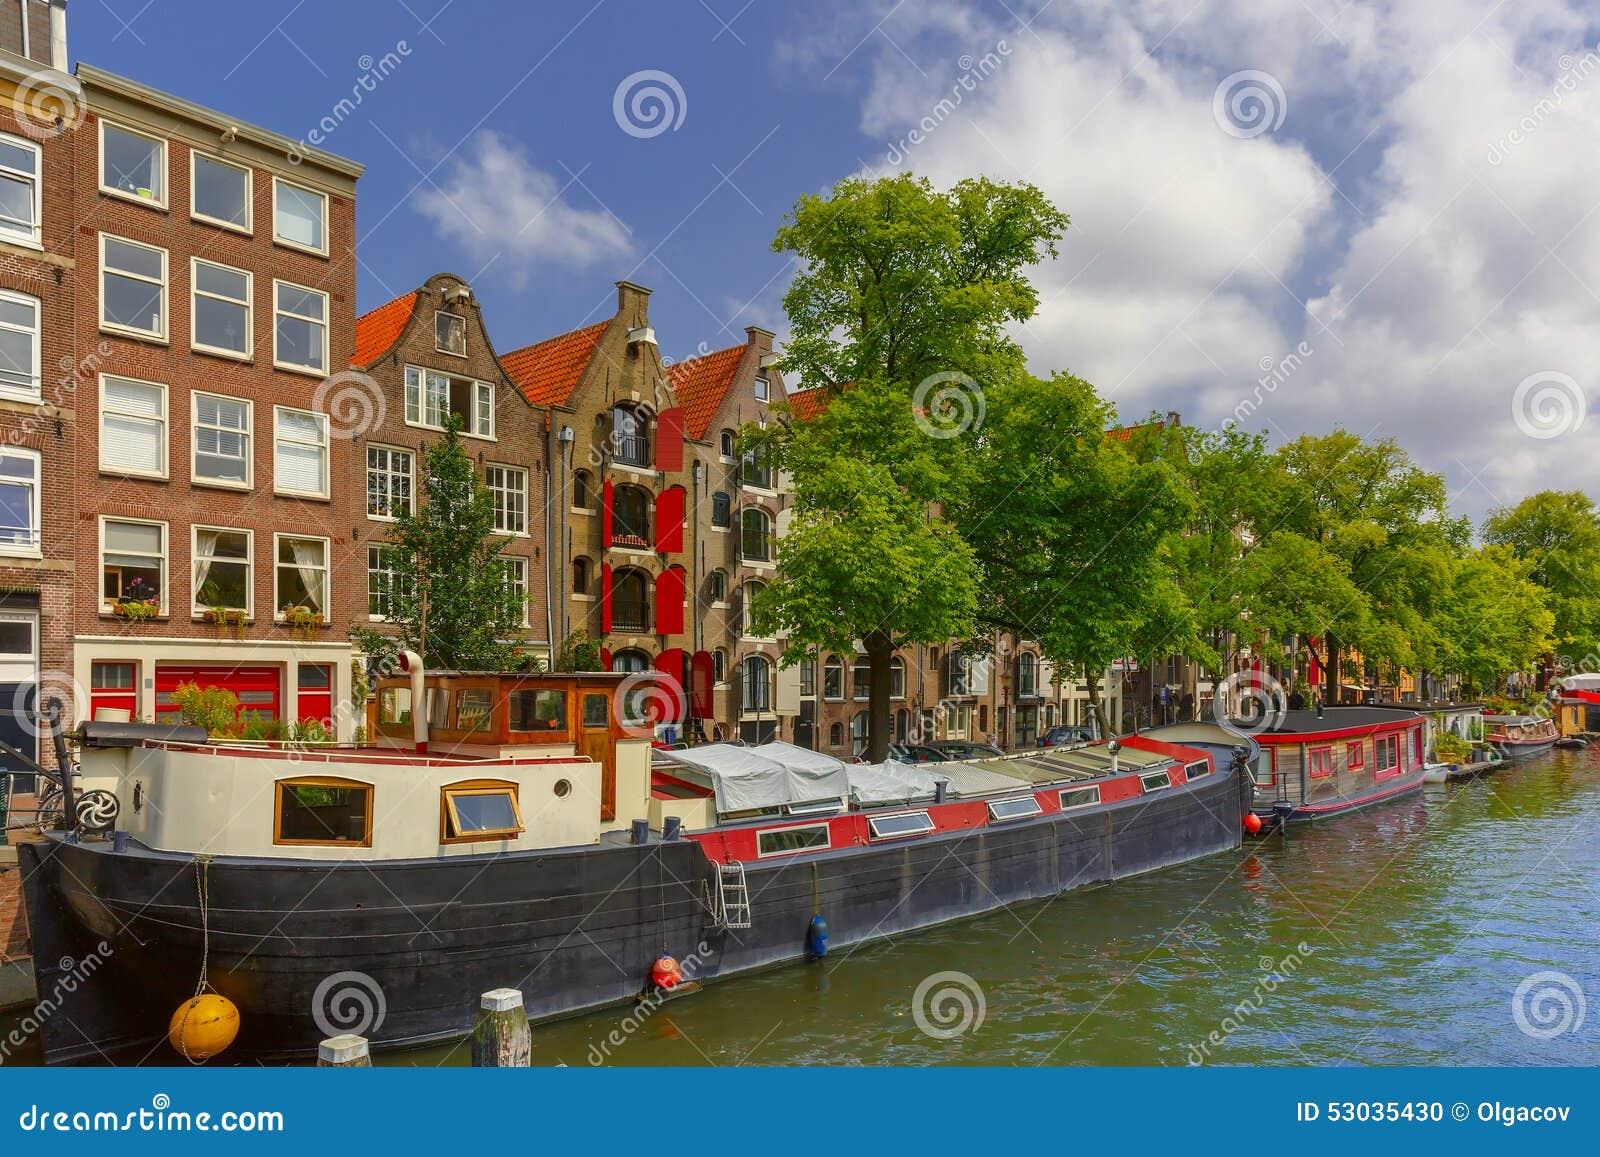 amsterdam canal ciudad holanda